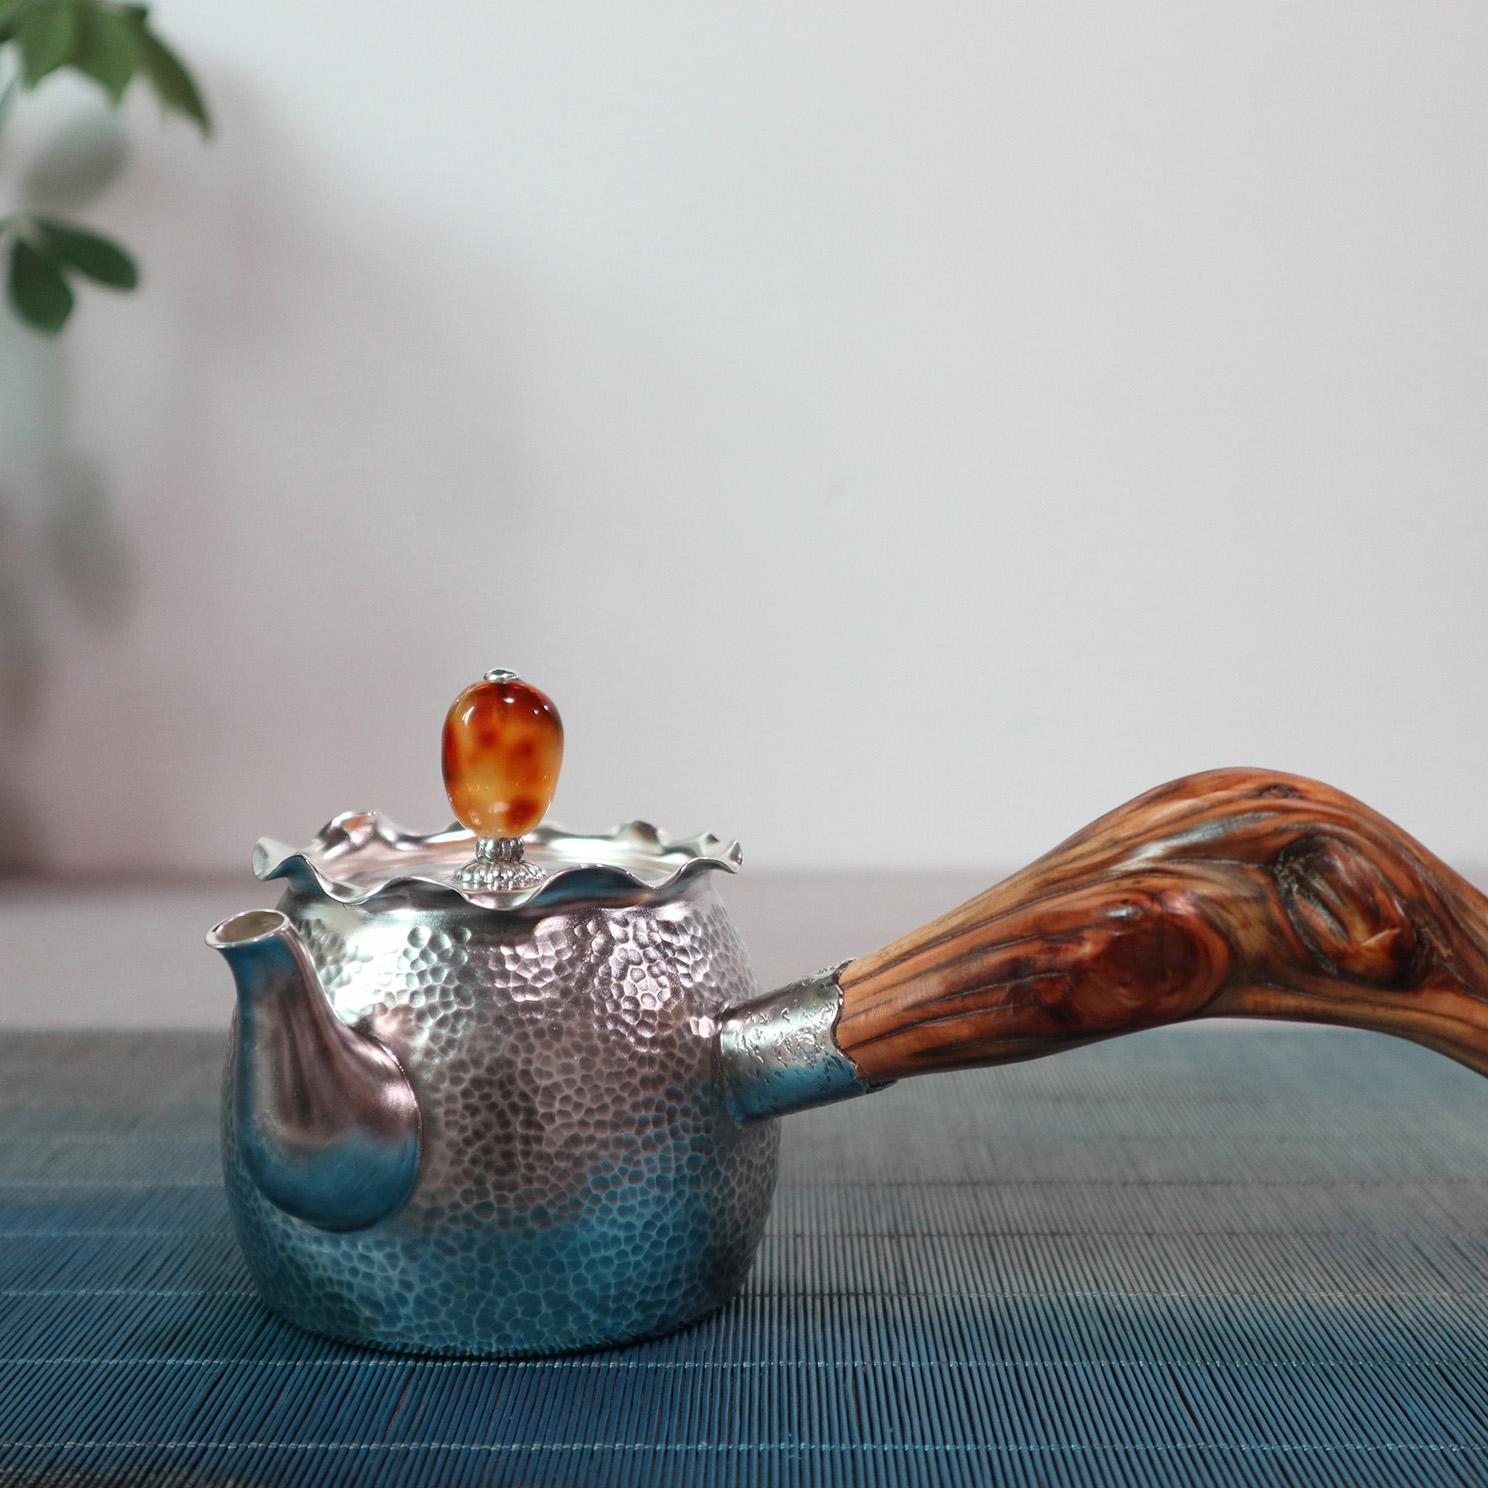 【福袋】S999纯银手工 茶壶